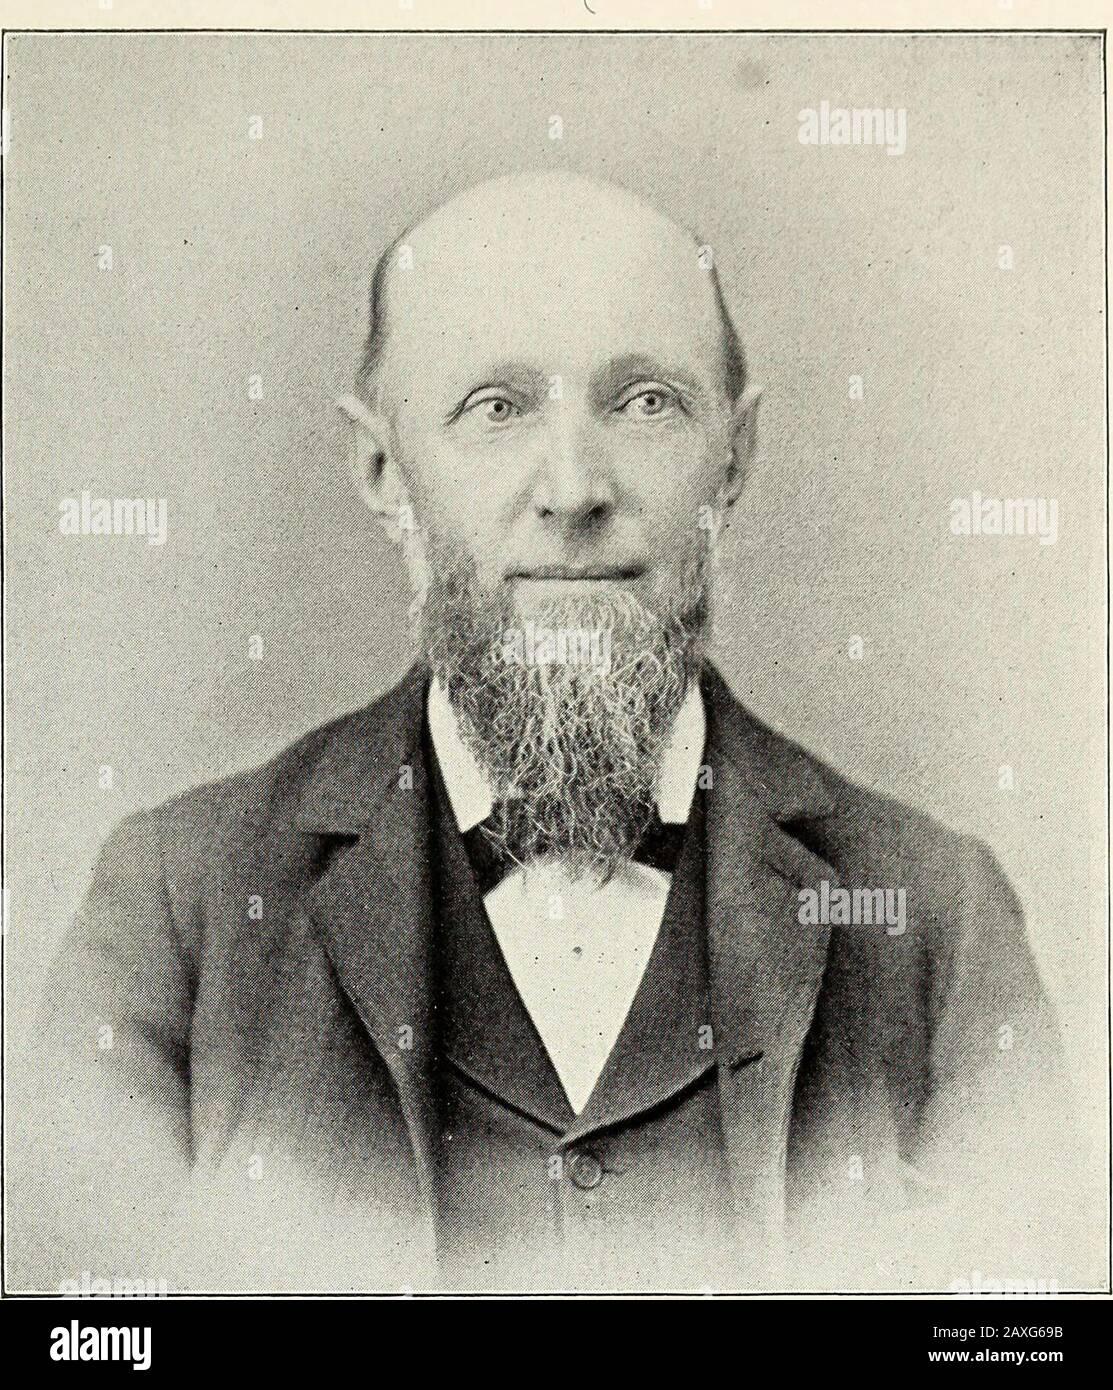 La vallée de Wallkill dans l'art et l'histoire . Rév. Liolu-ri Rruce Glark. PM R1 R( >BI R1 BRT < I CLARK lias est pasteur de l'église historique Goshen depuis le 1 janvier 1886, et dans le mi essoi Ol le Rev Snodgrass, qui à son époque était parmi le célèbre presbytérien • i . Shen durng les trente-six dernières années de sa vénérable vie. M. Clark est un Grad- ibersl ollege, Séminaire de l'Union, et est Identifié avec divers intérêts du village de beautiiul dans ih-- Église presbytérienne ol Goshen a été organisé en l'an 1720. Trois édifices ont été congrégation depuis le temps thaïlandais, le premier fut b Banque D'Images